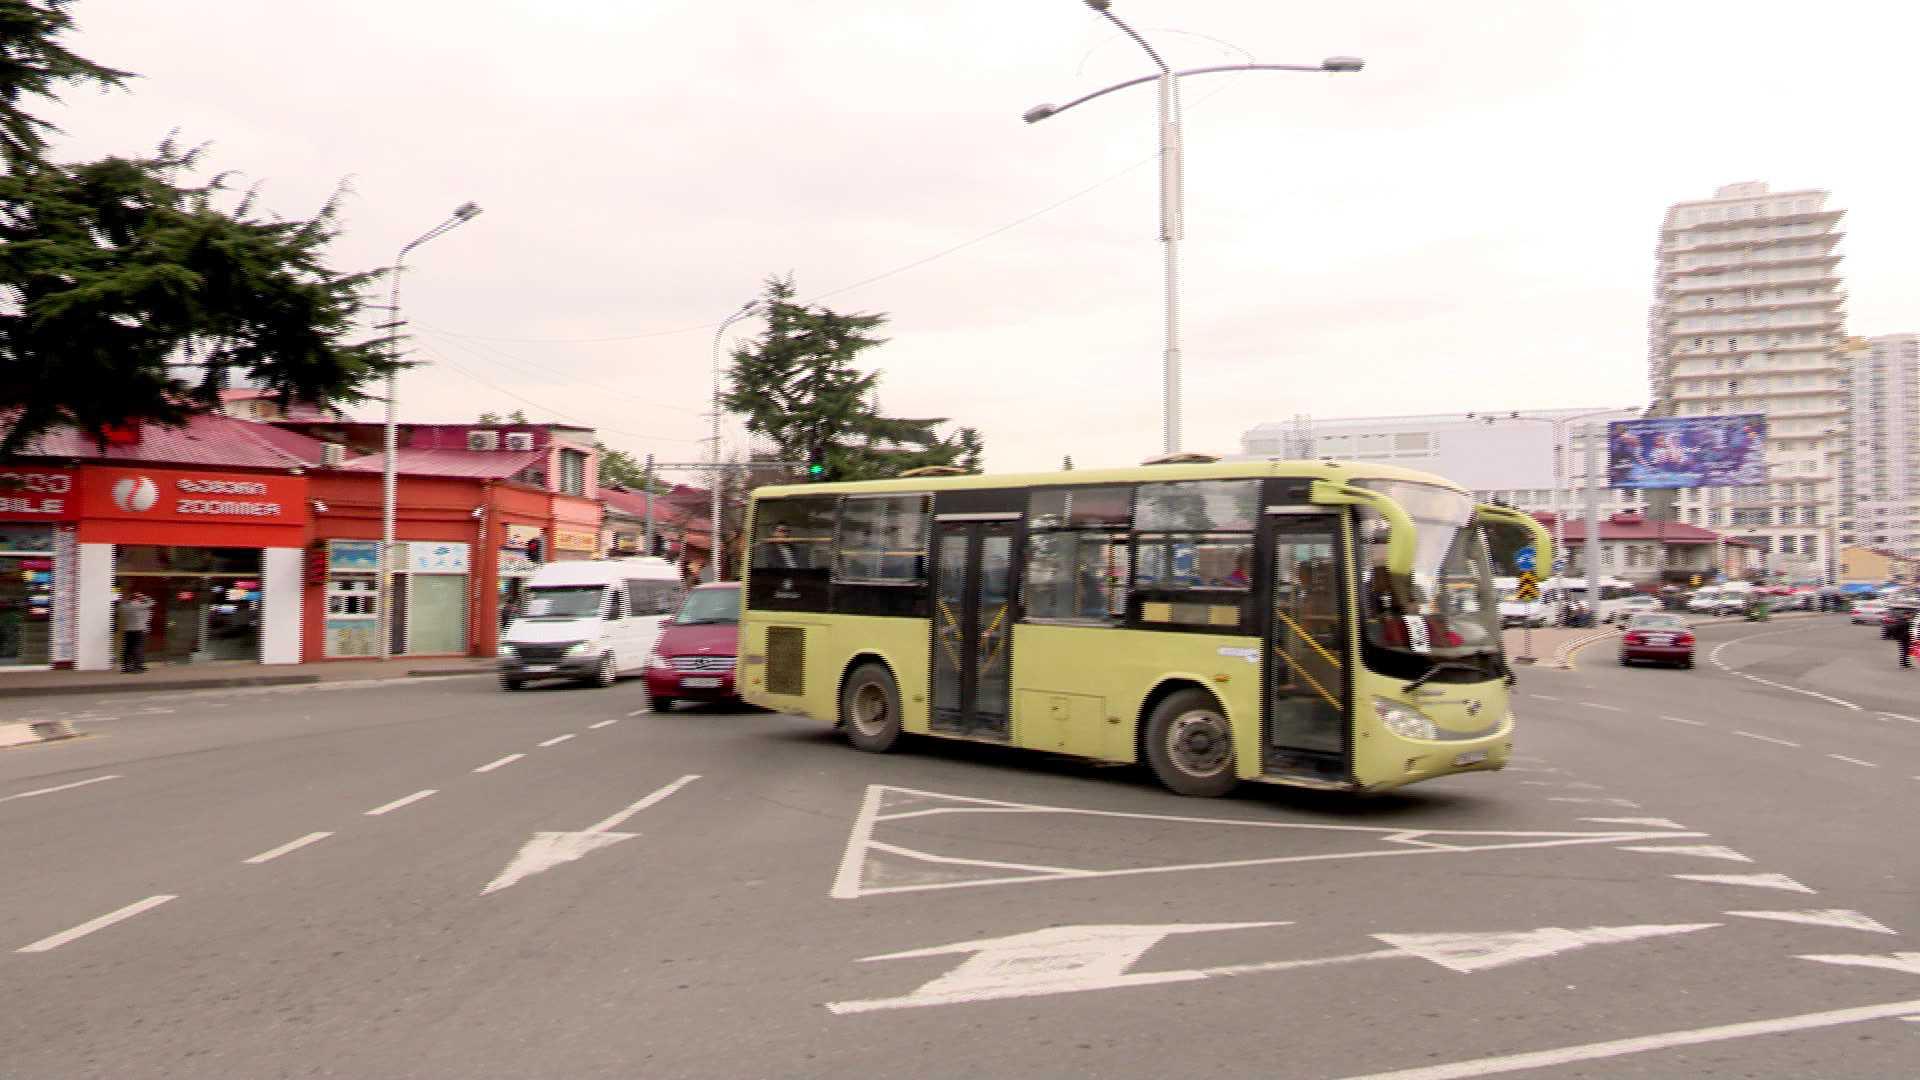 ორი ავტობუსი და ორი ბილეთი - მუნიციპალური მარშრუტის ცვლილების შედეგი